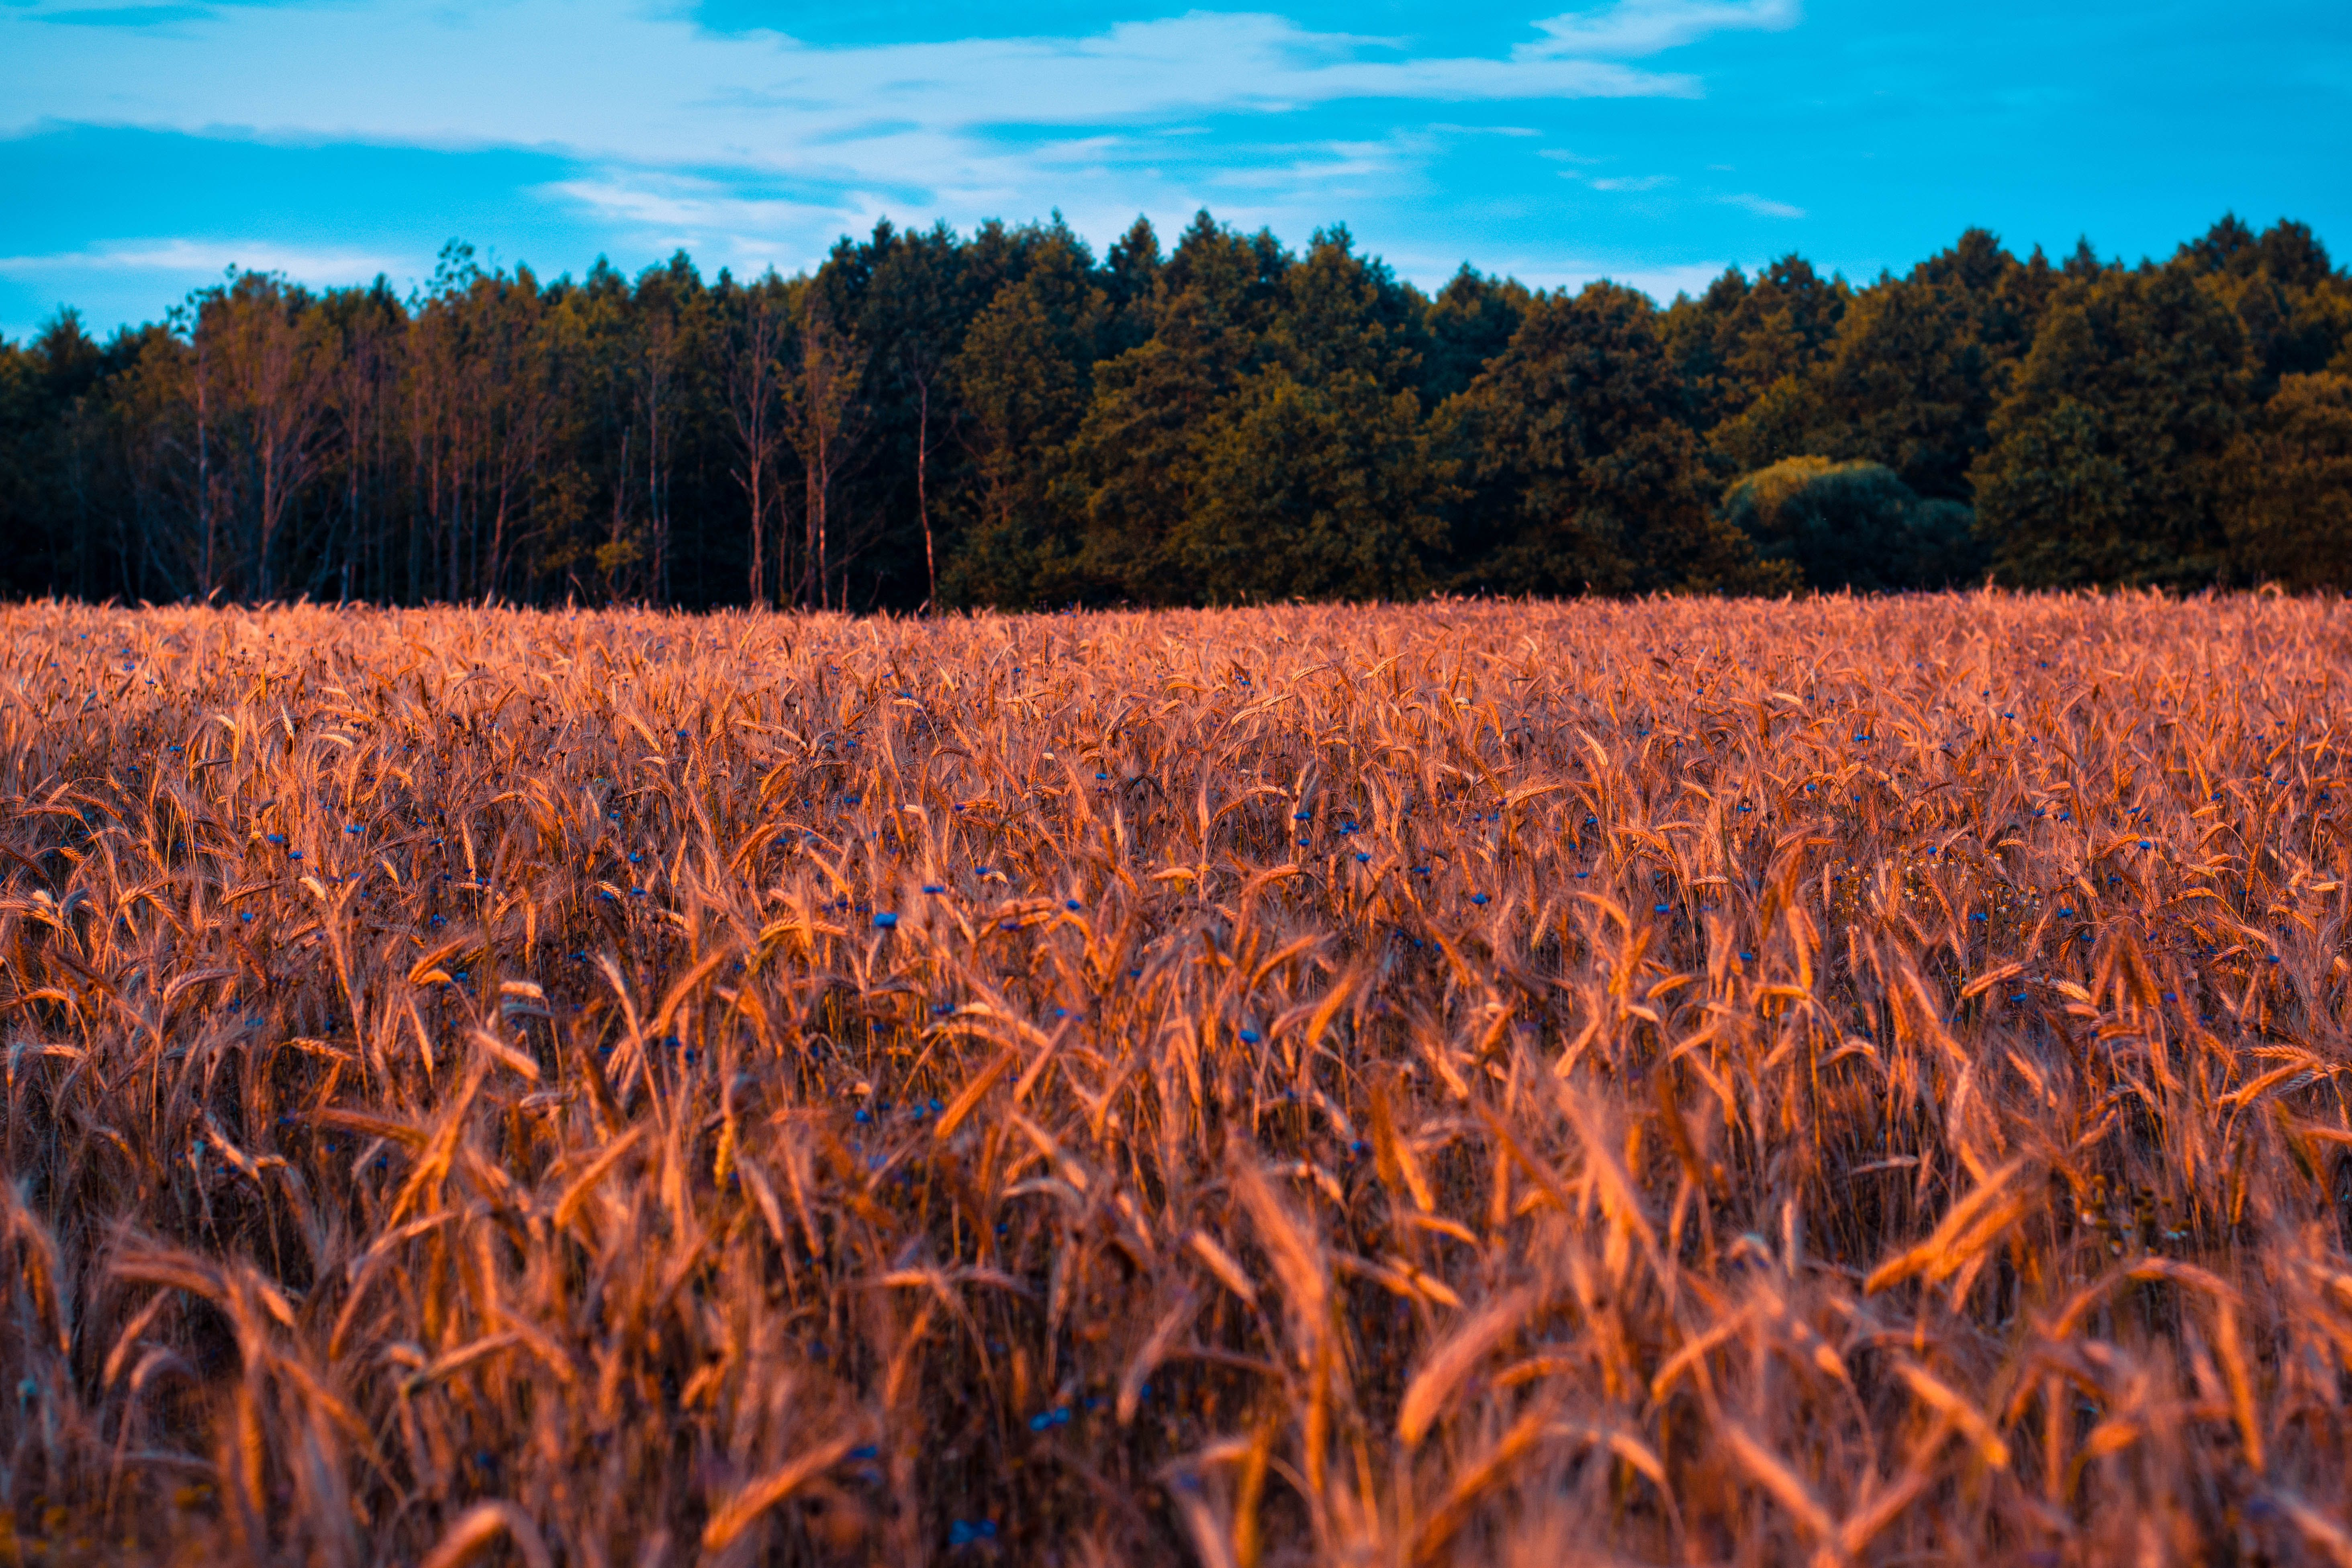 Ảnh lưu trữ miễn phí về cánh đồng, cánh đồng lúa mì, cây, cỏ